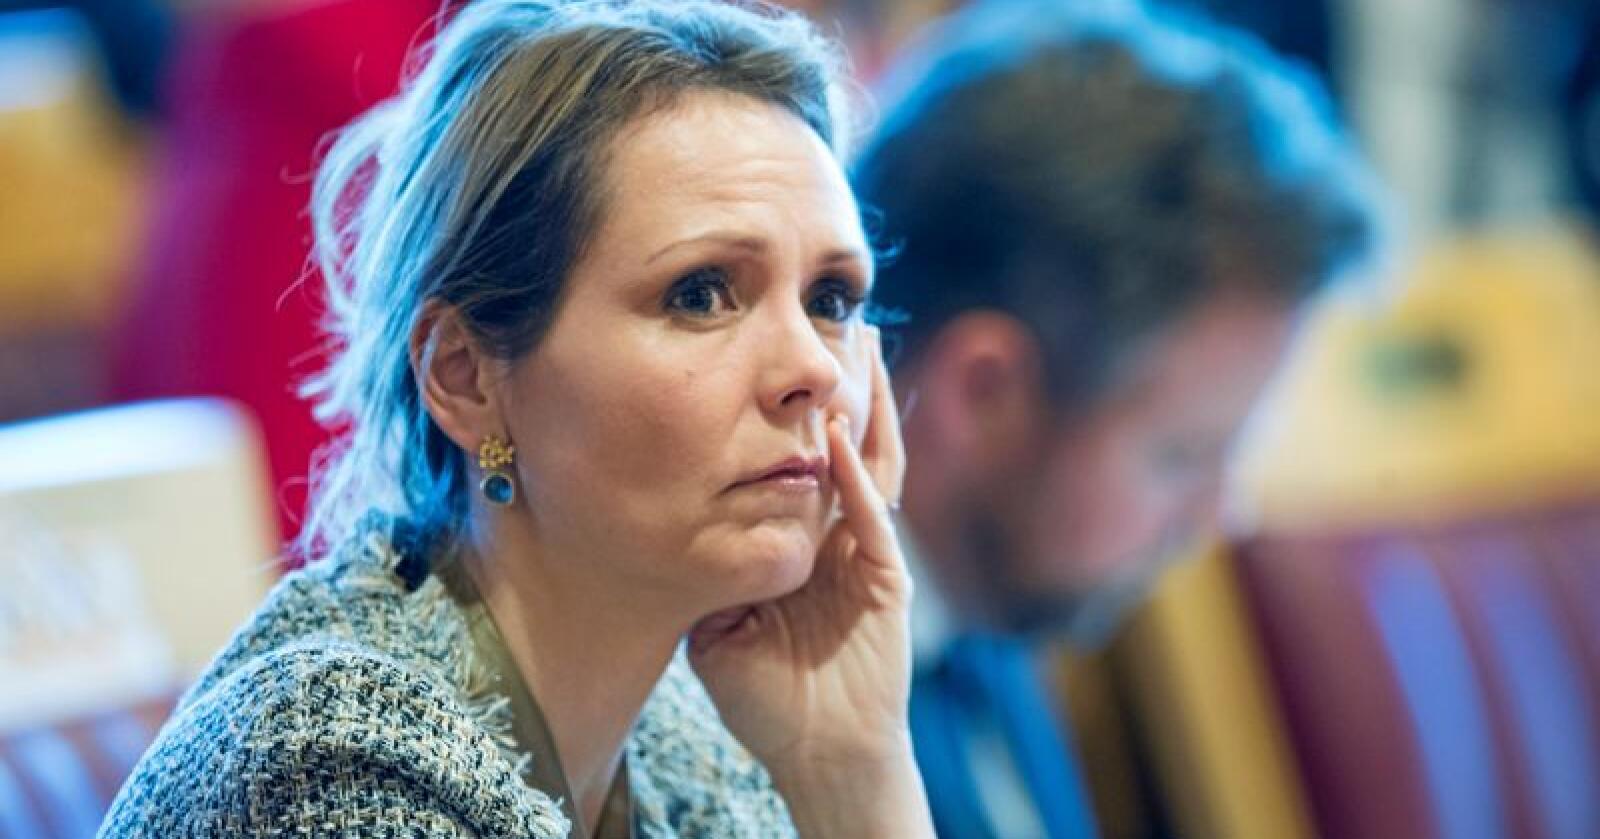 Barne- og likestillingsminister Linda Hofstad Helleland (H) er på vei ut av regjeringen. Det får sinnene til å koke i Trøndelag. Foto: Terje Pedersen / NTB scanpix